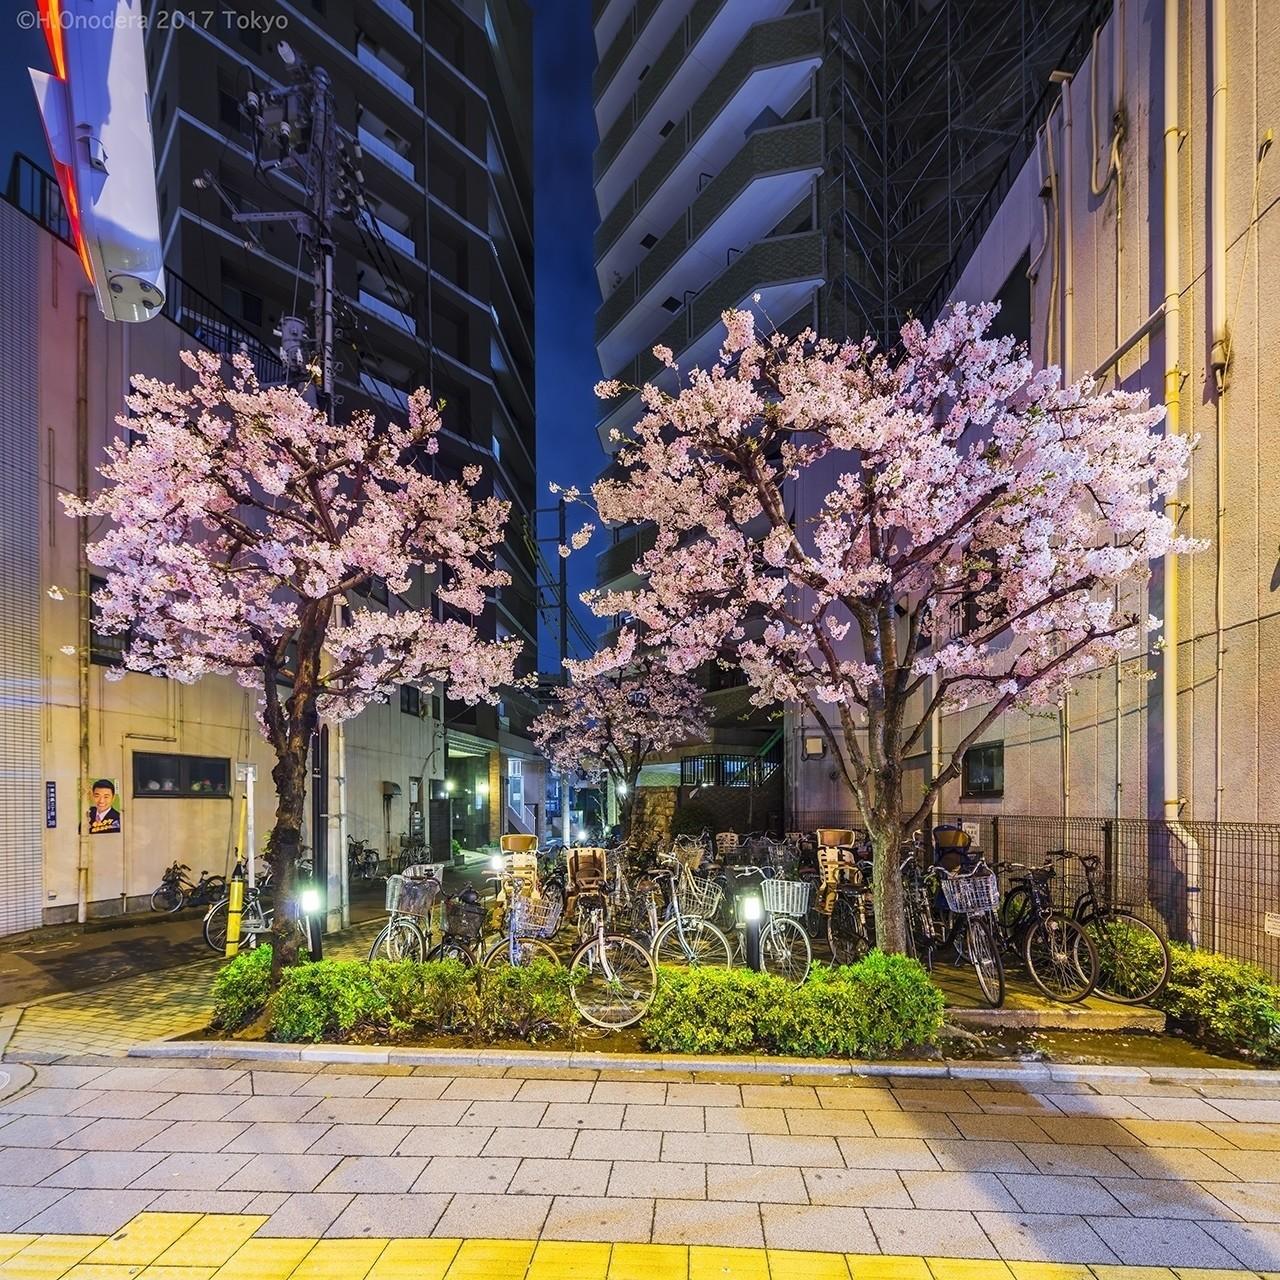 種類:チャリオキバミツゴケッカイザクラ 墨田区(日本野良桜学会)